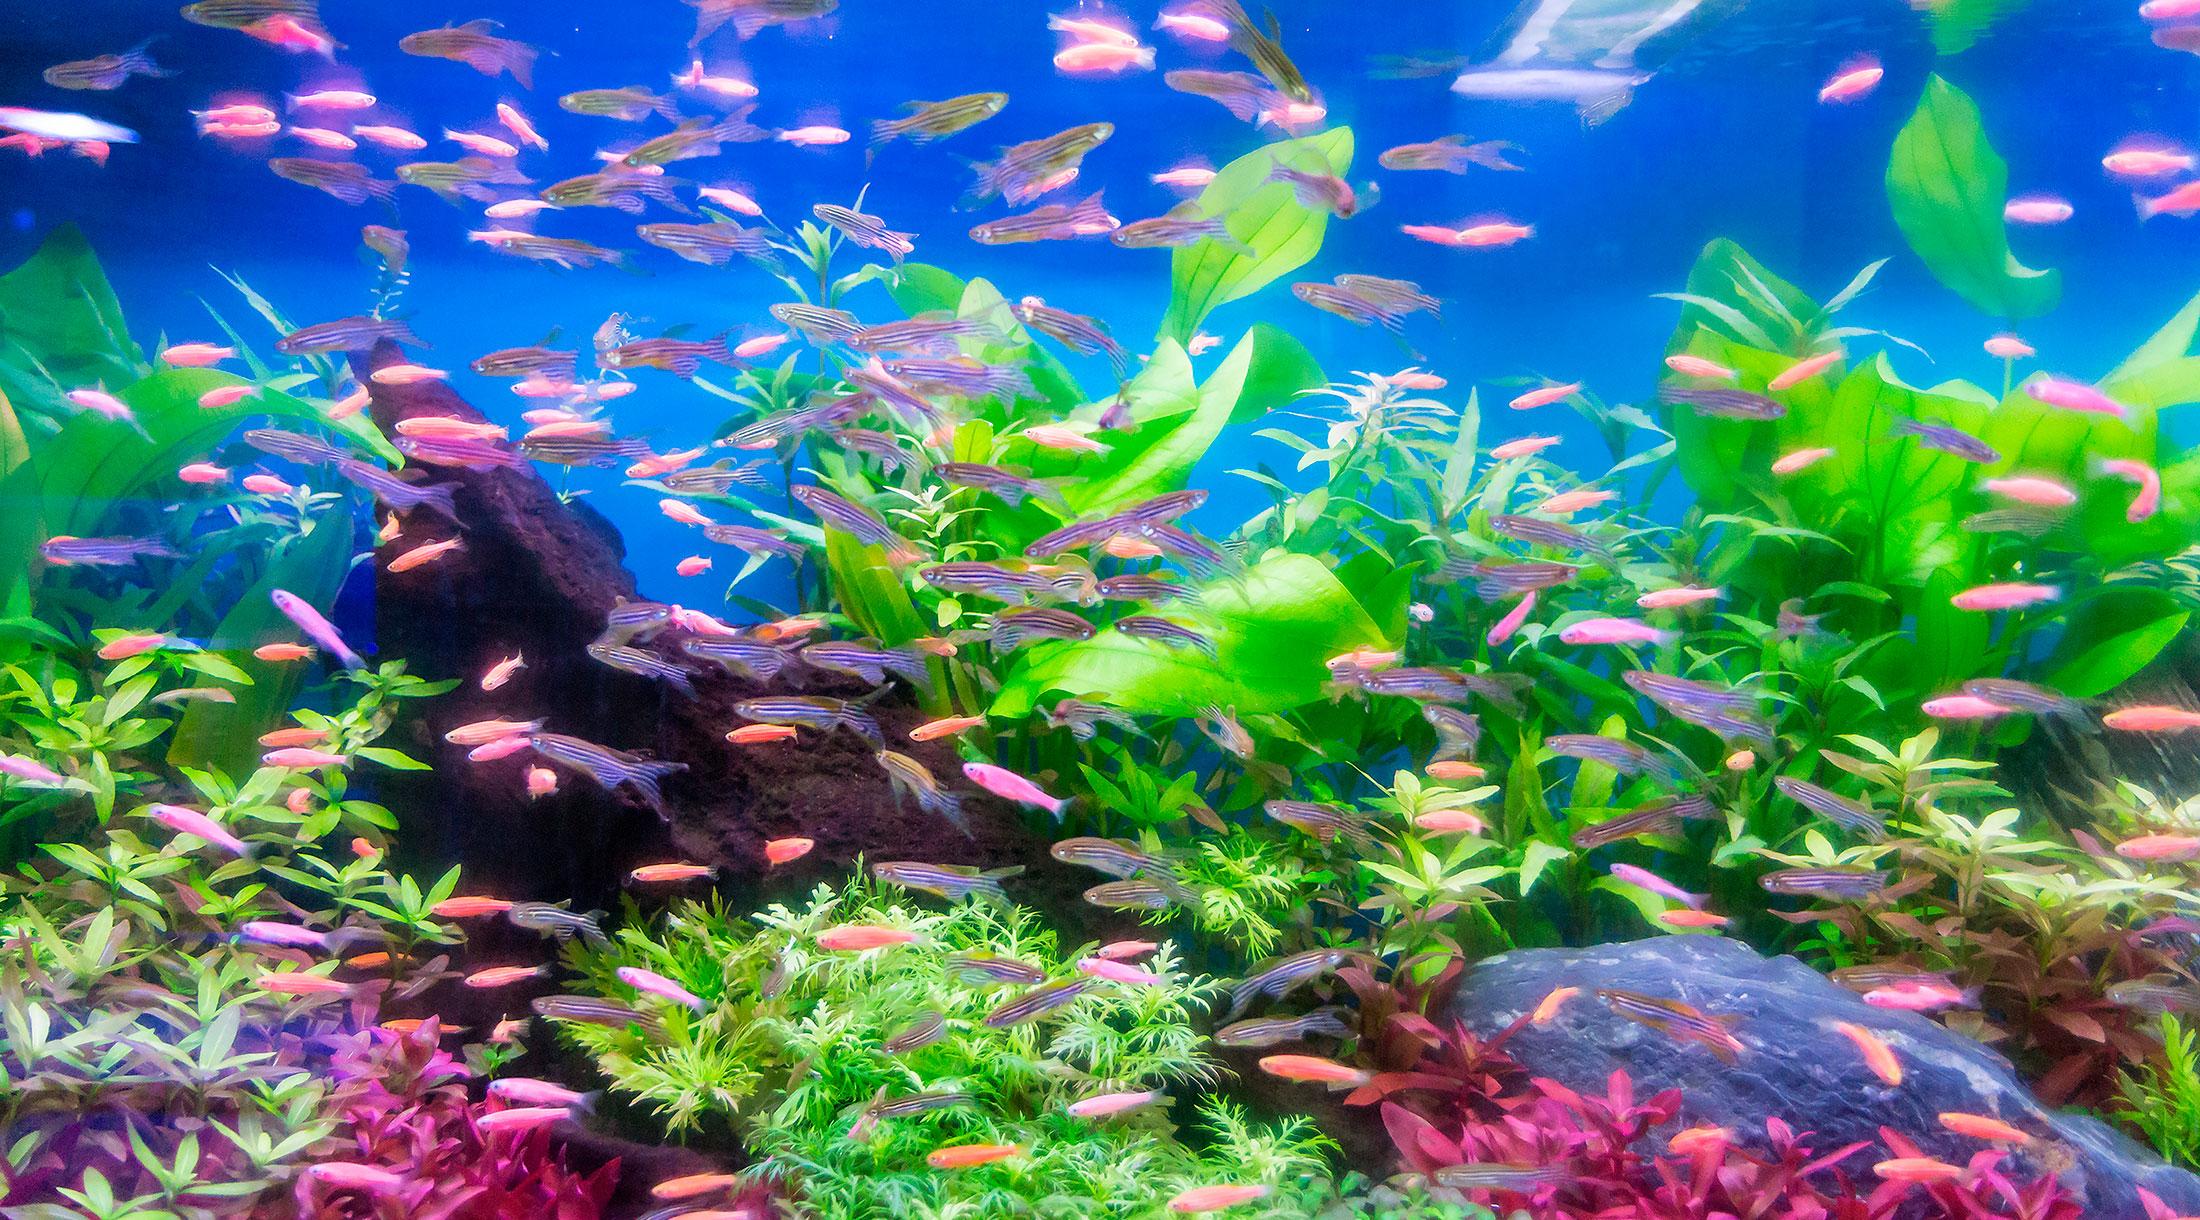 Aclimatar peces en un nuevo acuario wikiacuario for Comida para peces tropicales acuario